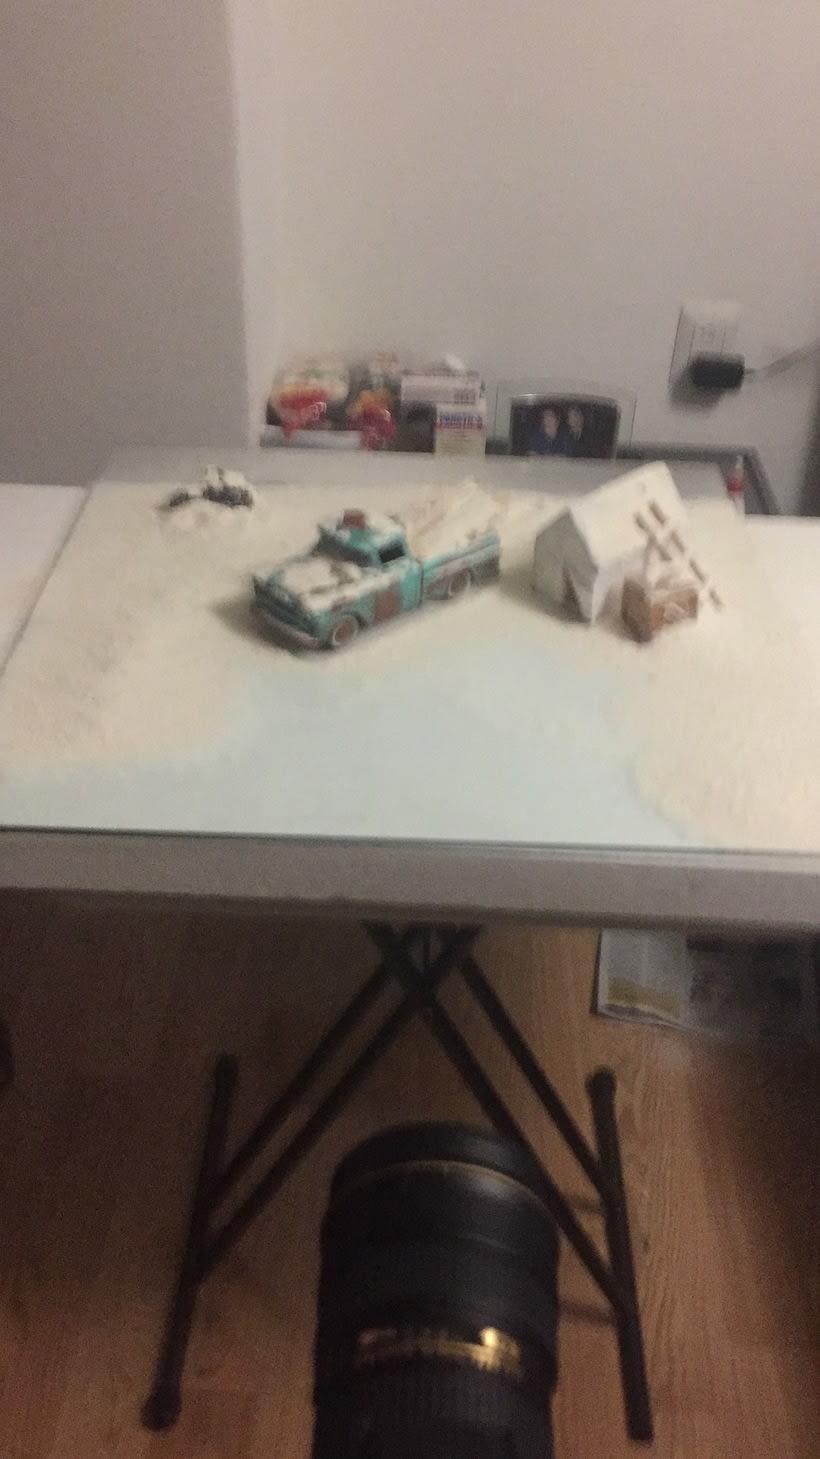 Mi Proyecto del curso: Fotografía creativa en estudio con modelos a escala 9